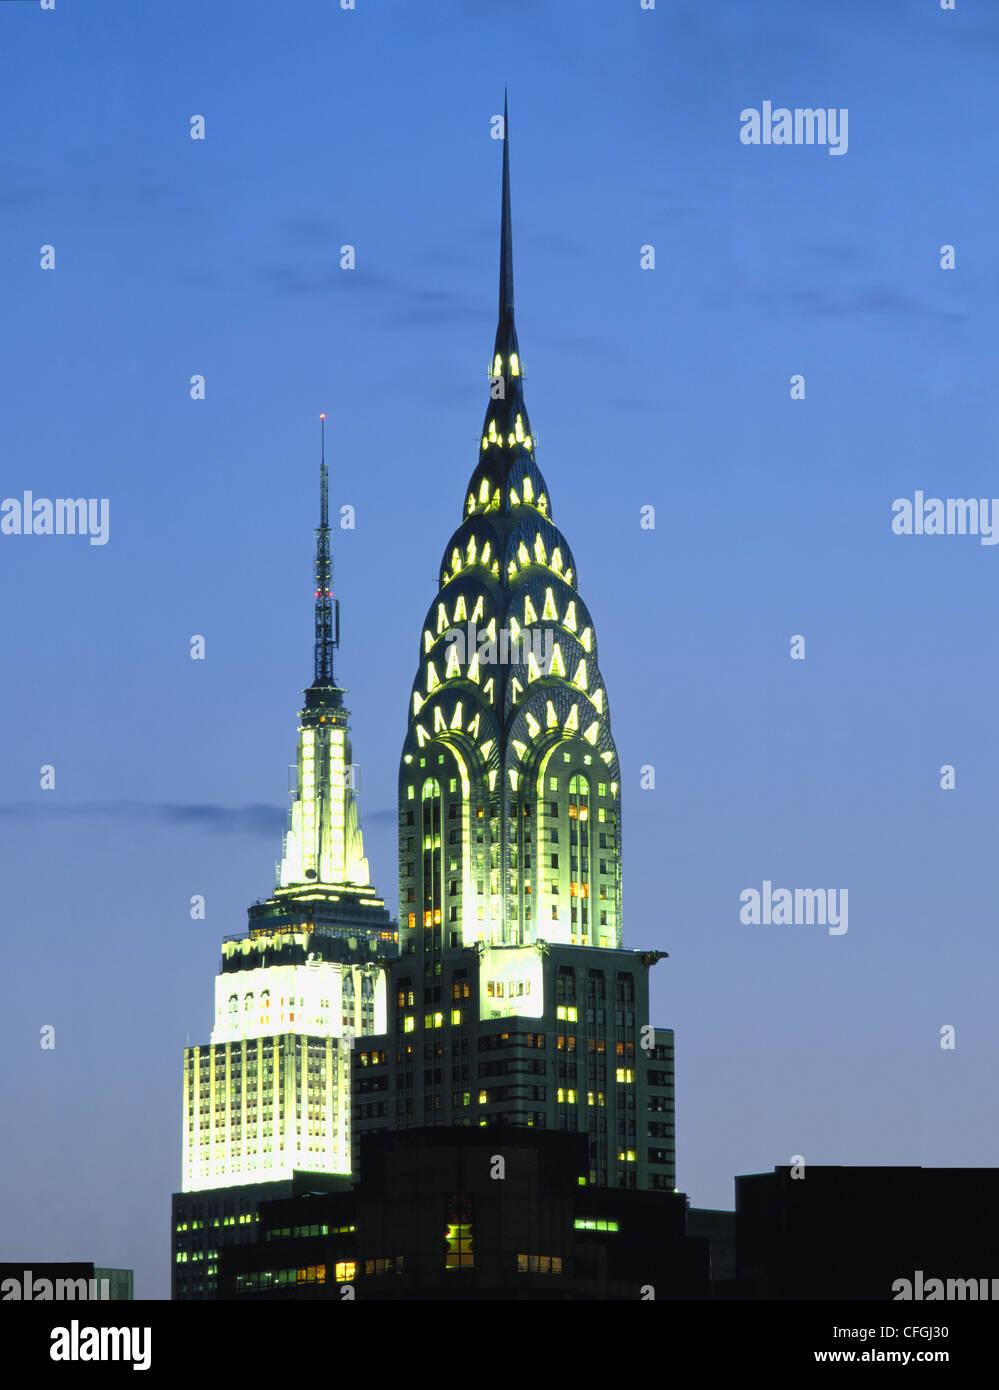 Edificios Chrysler y Empire State por la noche, NUEVA YORK, ESTADOS UNIDOS. Imagen De Stock